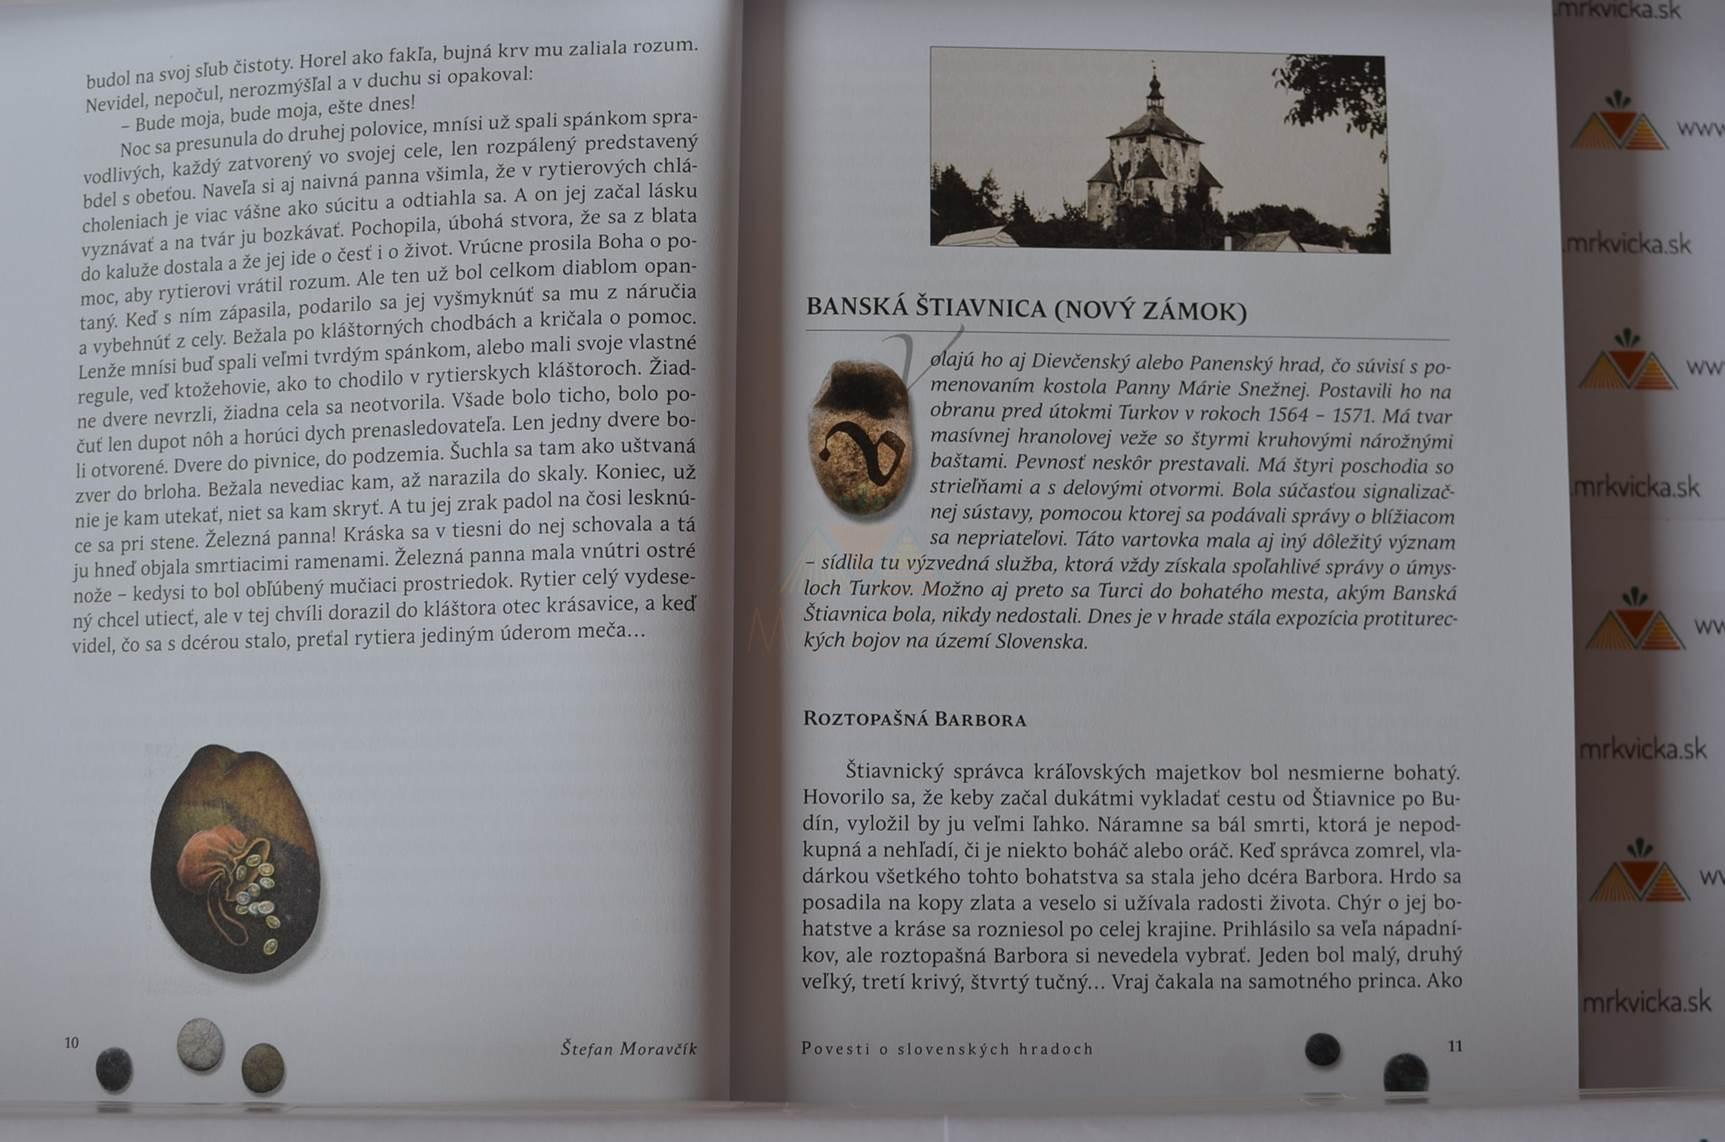 Povesti o slovenských hradoch